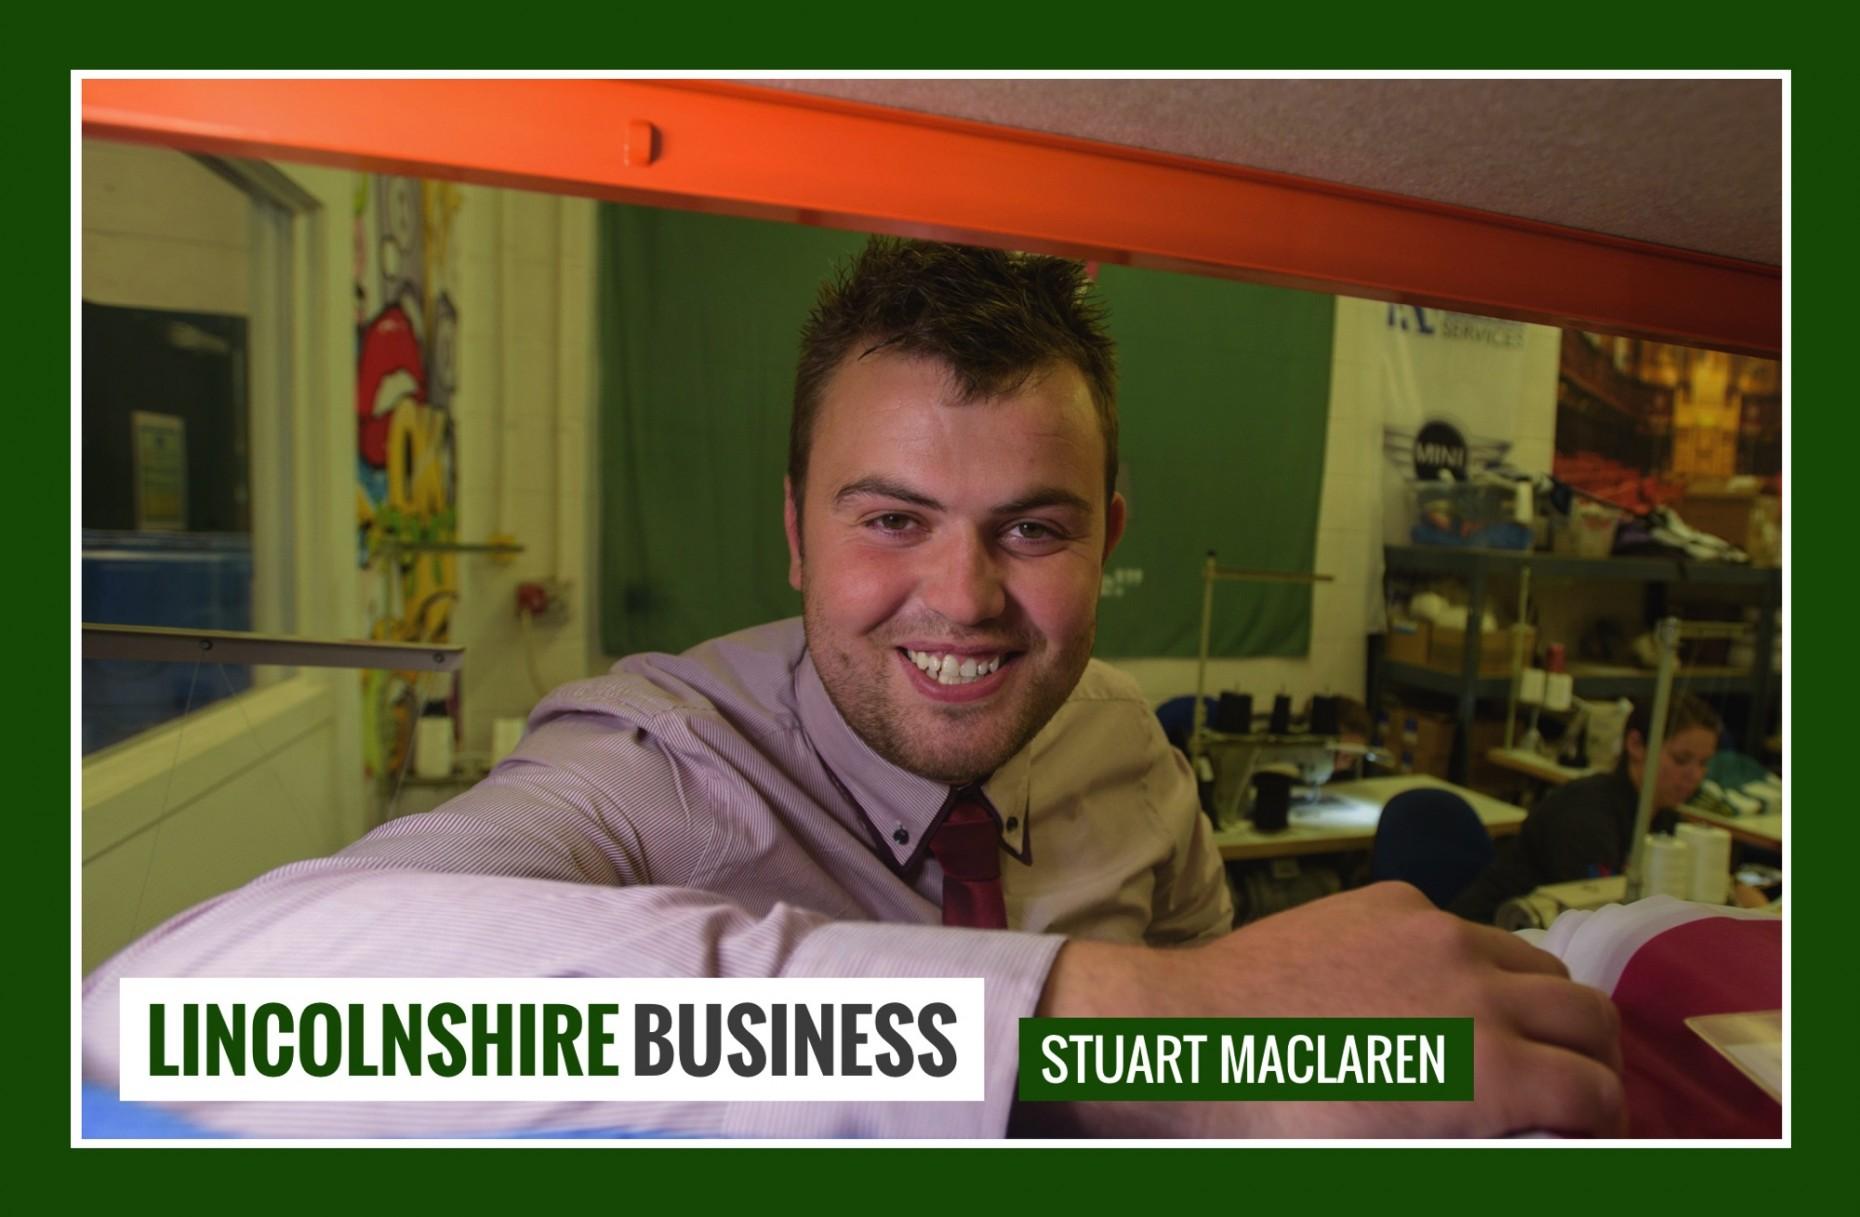 Lincolnshire Business 44 Stuart Maclaren